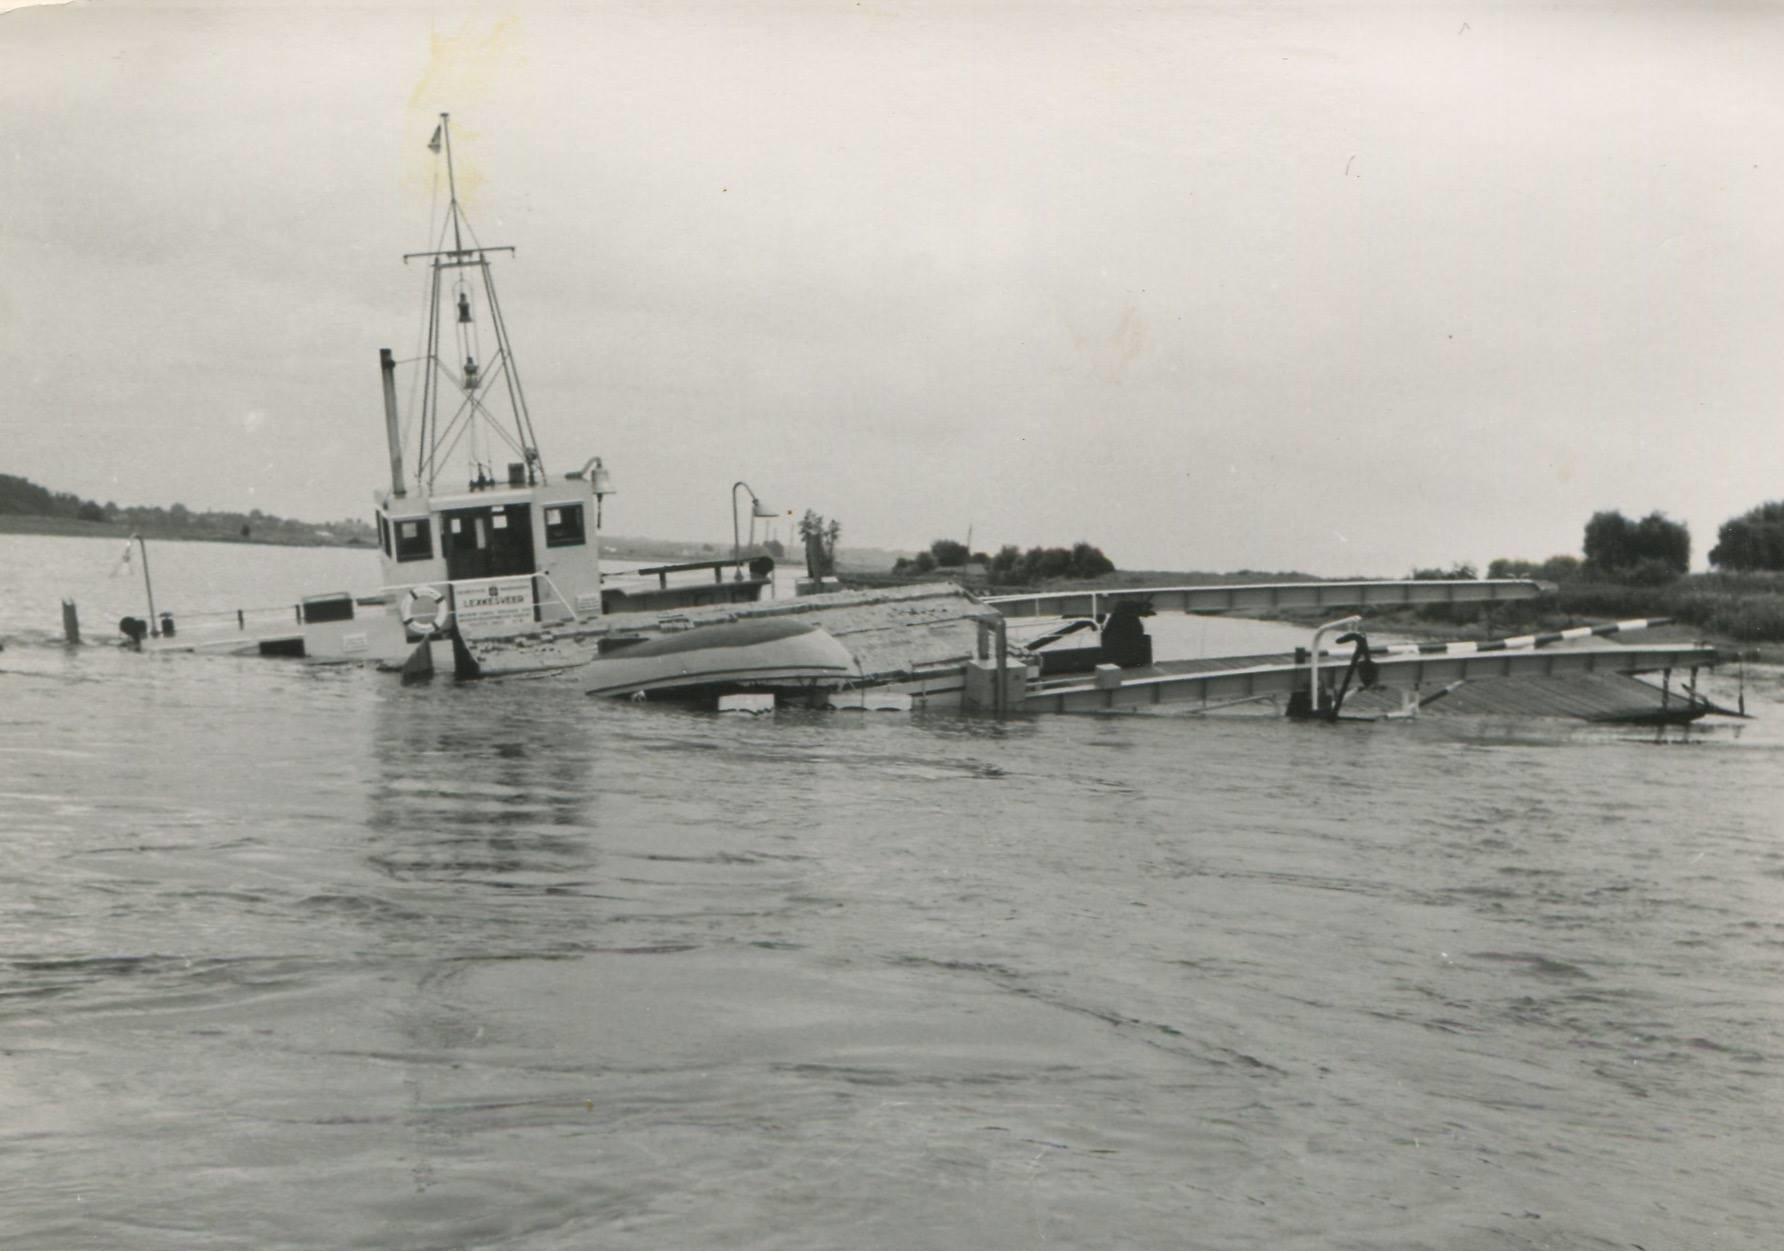 1957-foto-gemaakt-door-Jac-Rauws-ingezonden-door-Willem-Ruisch-Veerpont-Lexkesveer-Eageningen-Randwijk-6